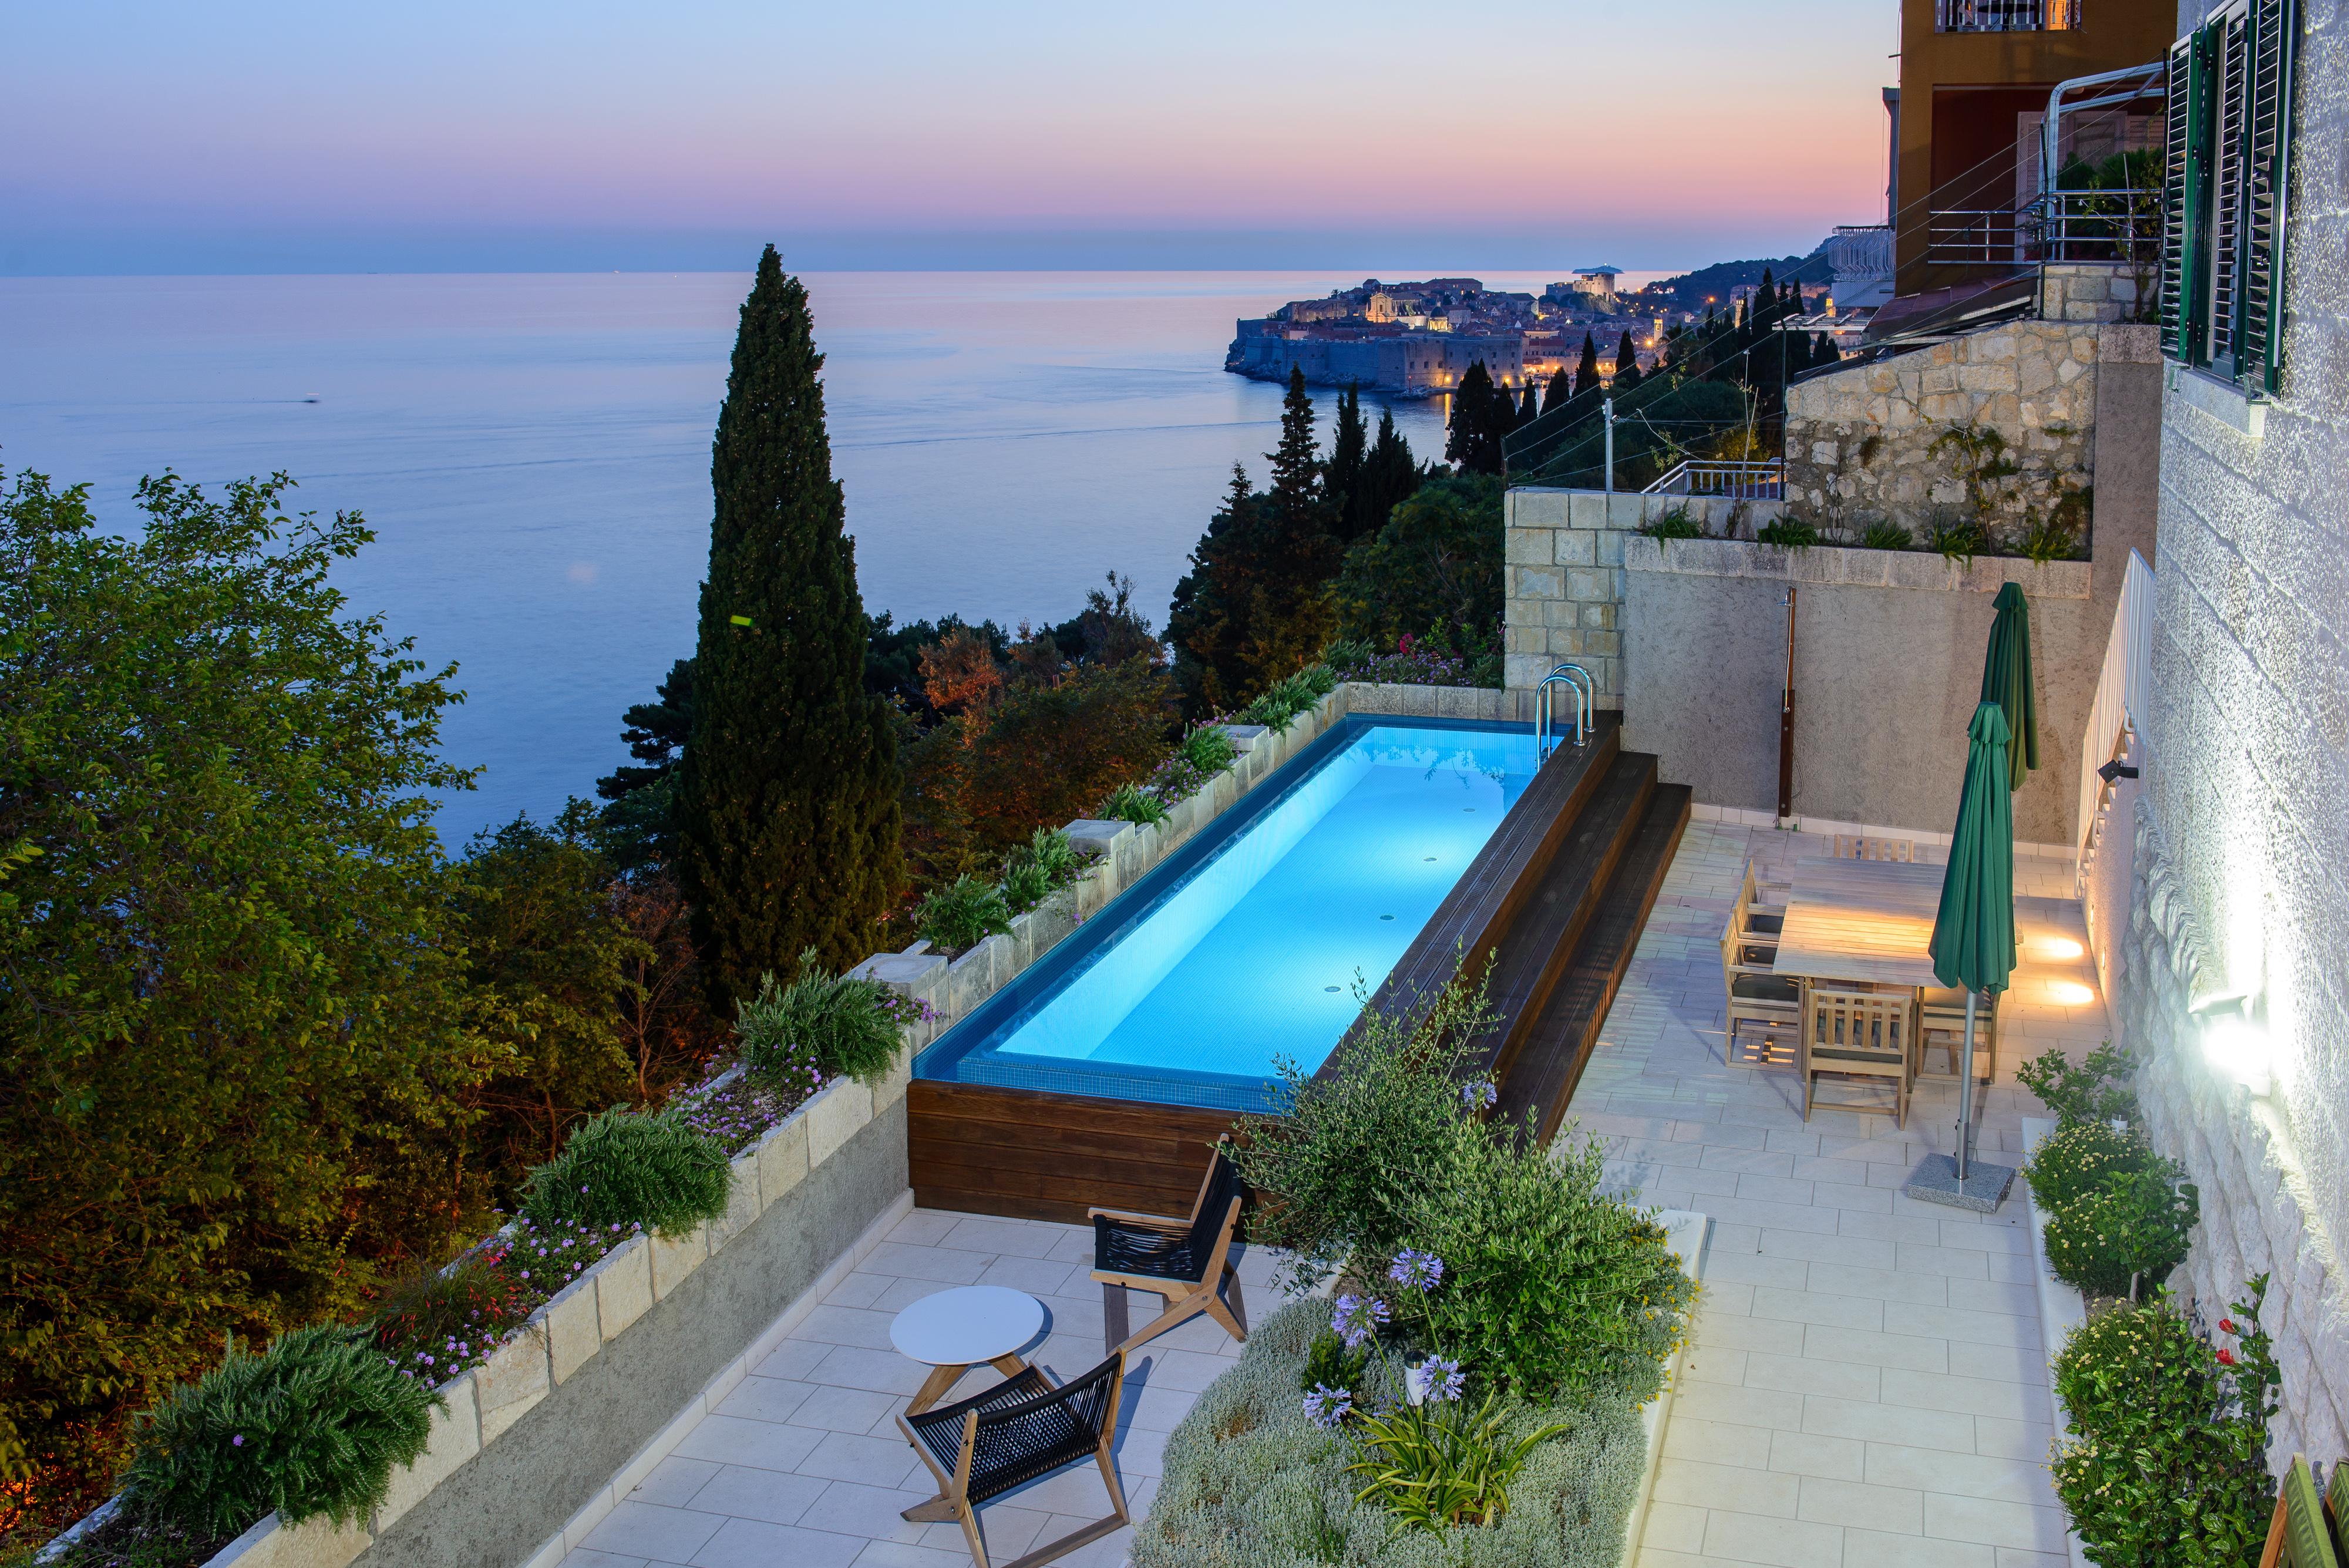 Luxury Residence Queen of Dubrovnik - top Luxury villas for rent in Croatia